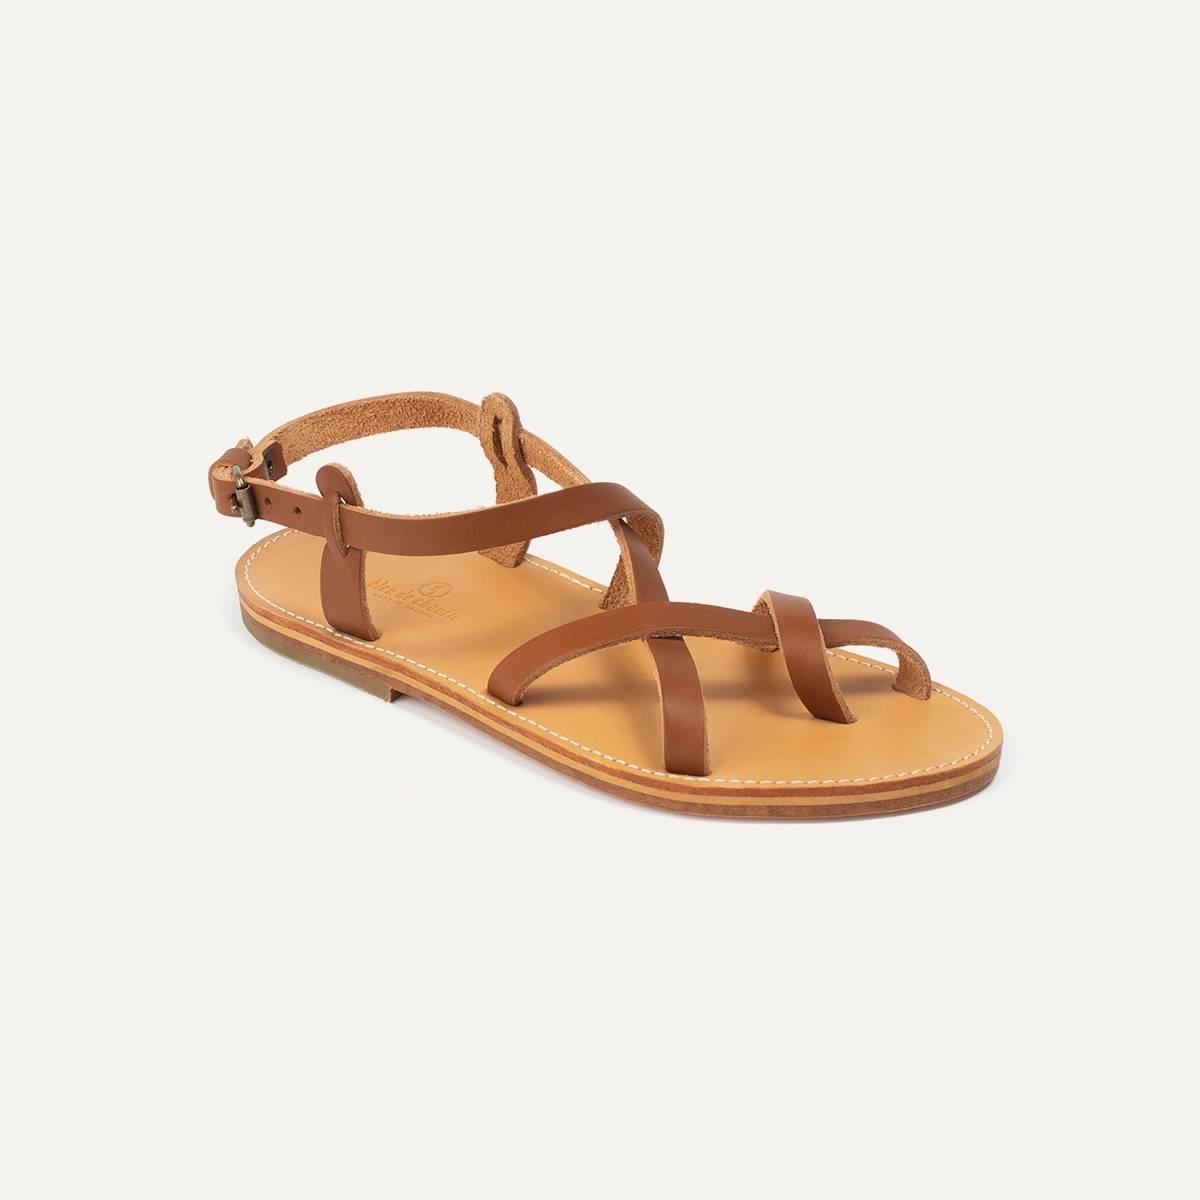 Sandales cuir Nara - Pain Brûlé (image n°2)